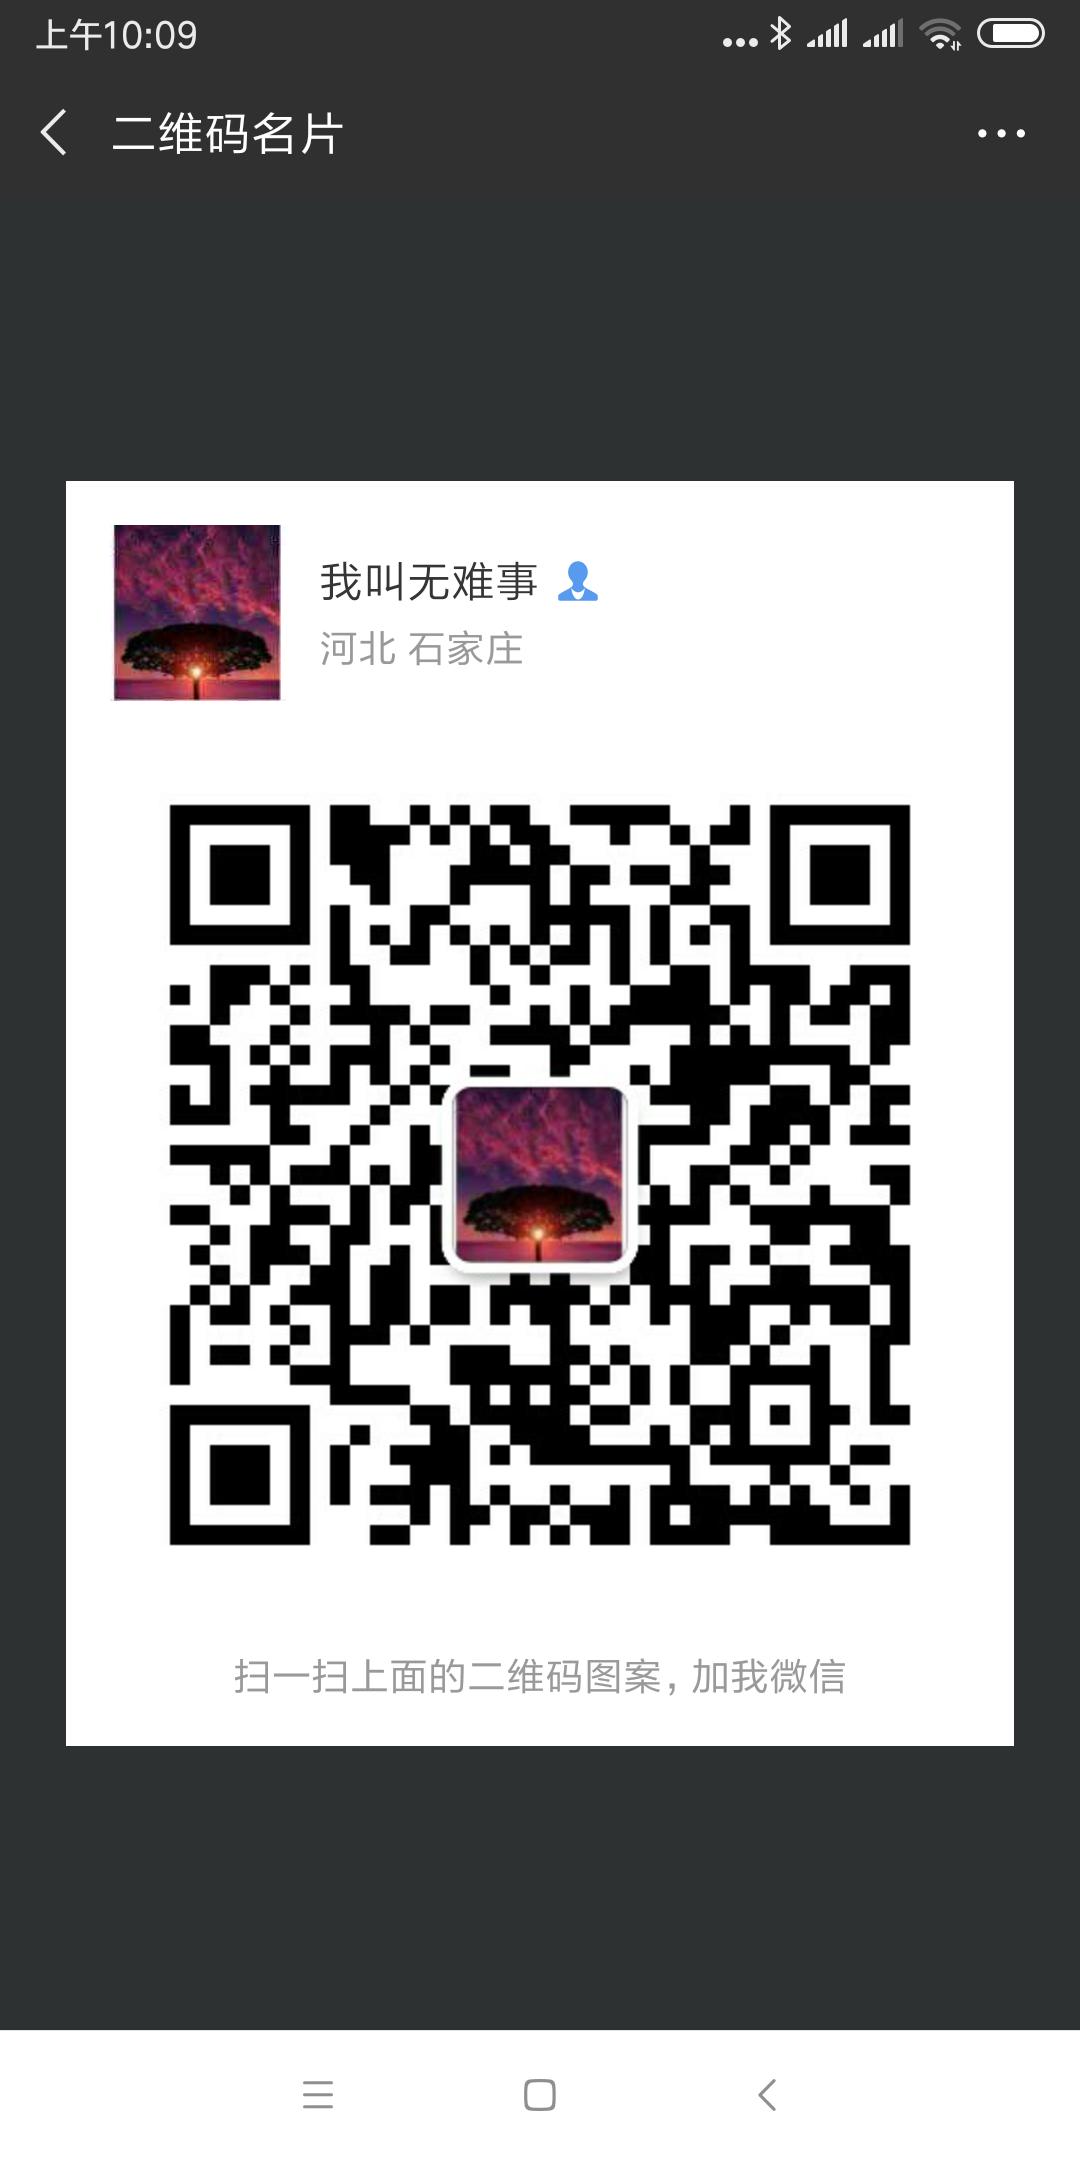 微信图片_20181215101002.png